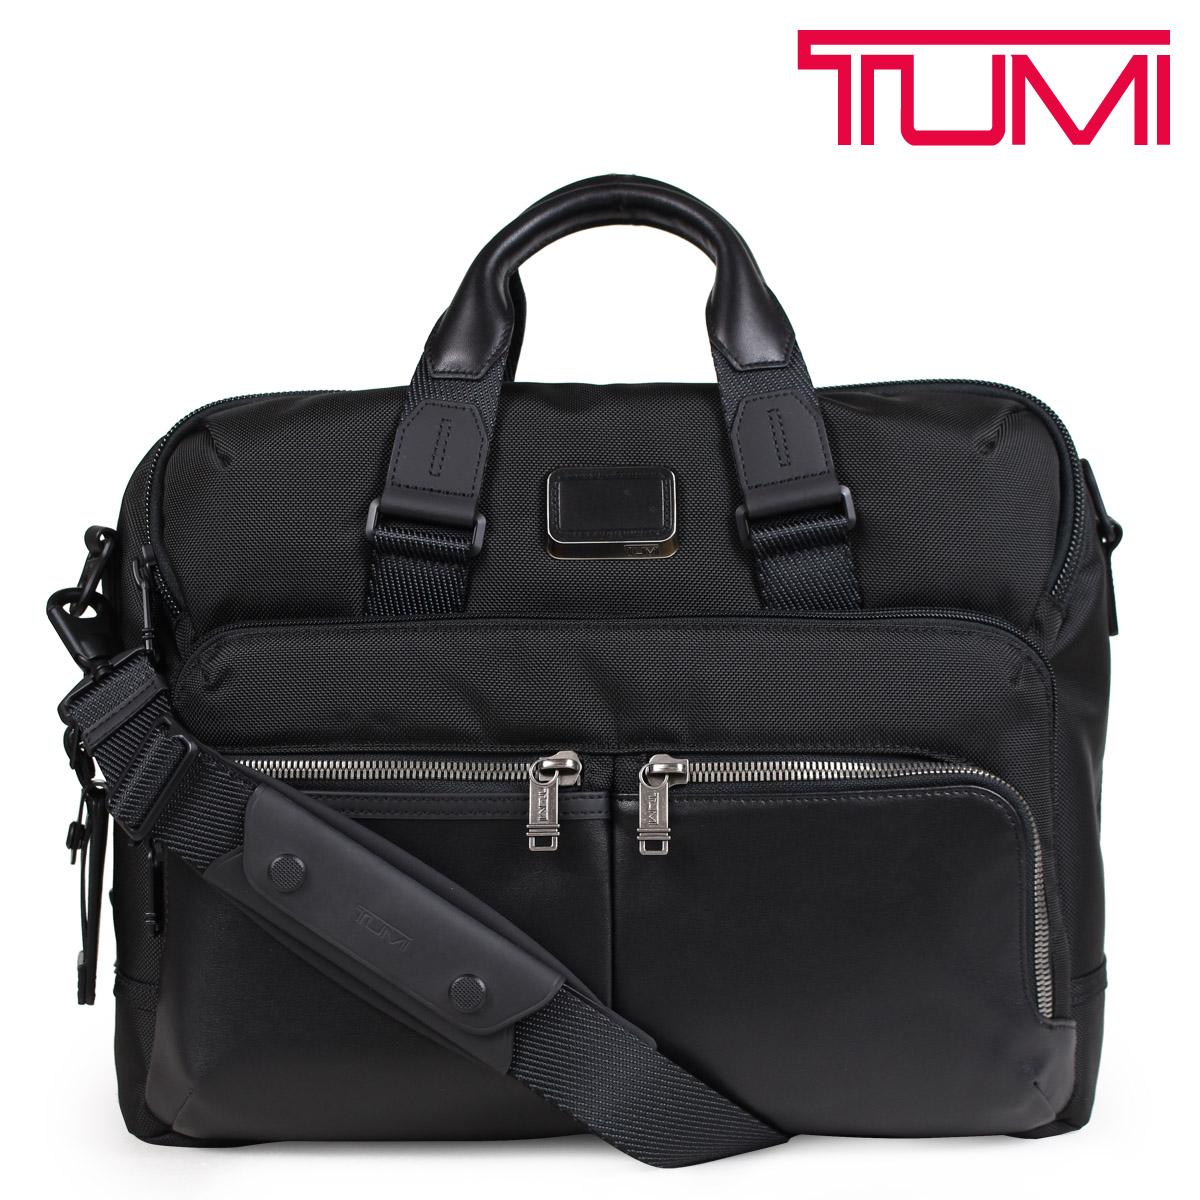 TUMI トゥミ ビジネス バッグ メンズ ALPHA BRAVO PATTERSON BRIEF ブリーフケース ブラック 232644D